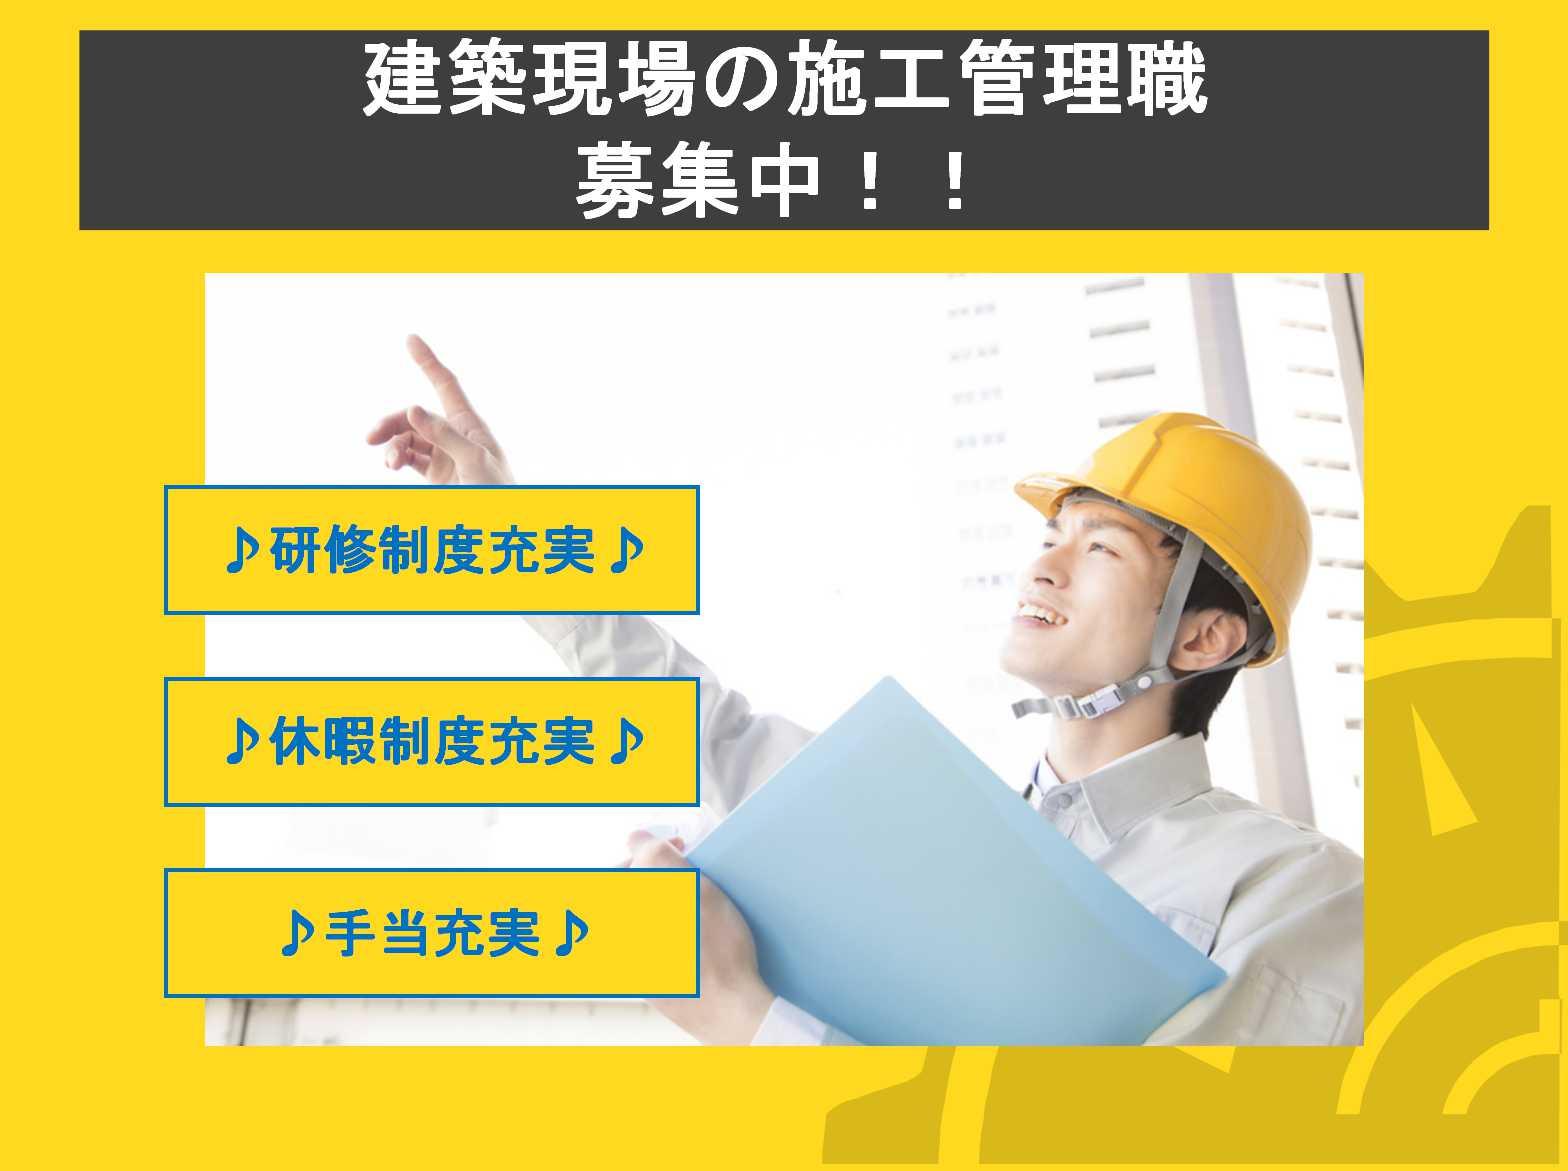 【正社員】研修制度充実♪新卒でも安心♪建築現場の施工管理職募集中♪ イメージ